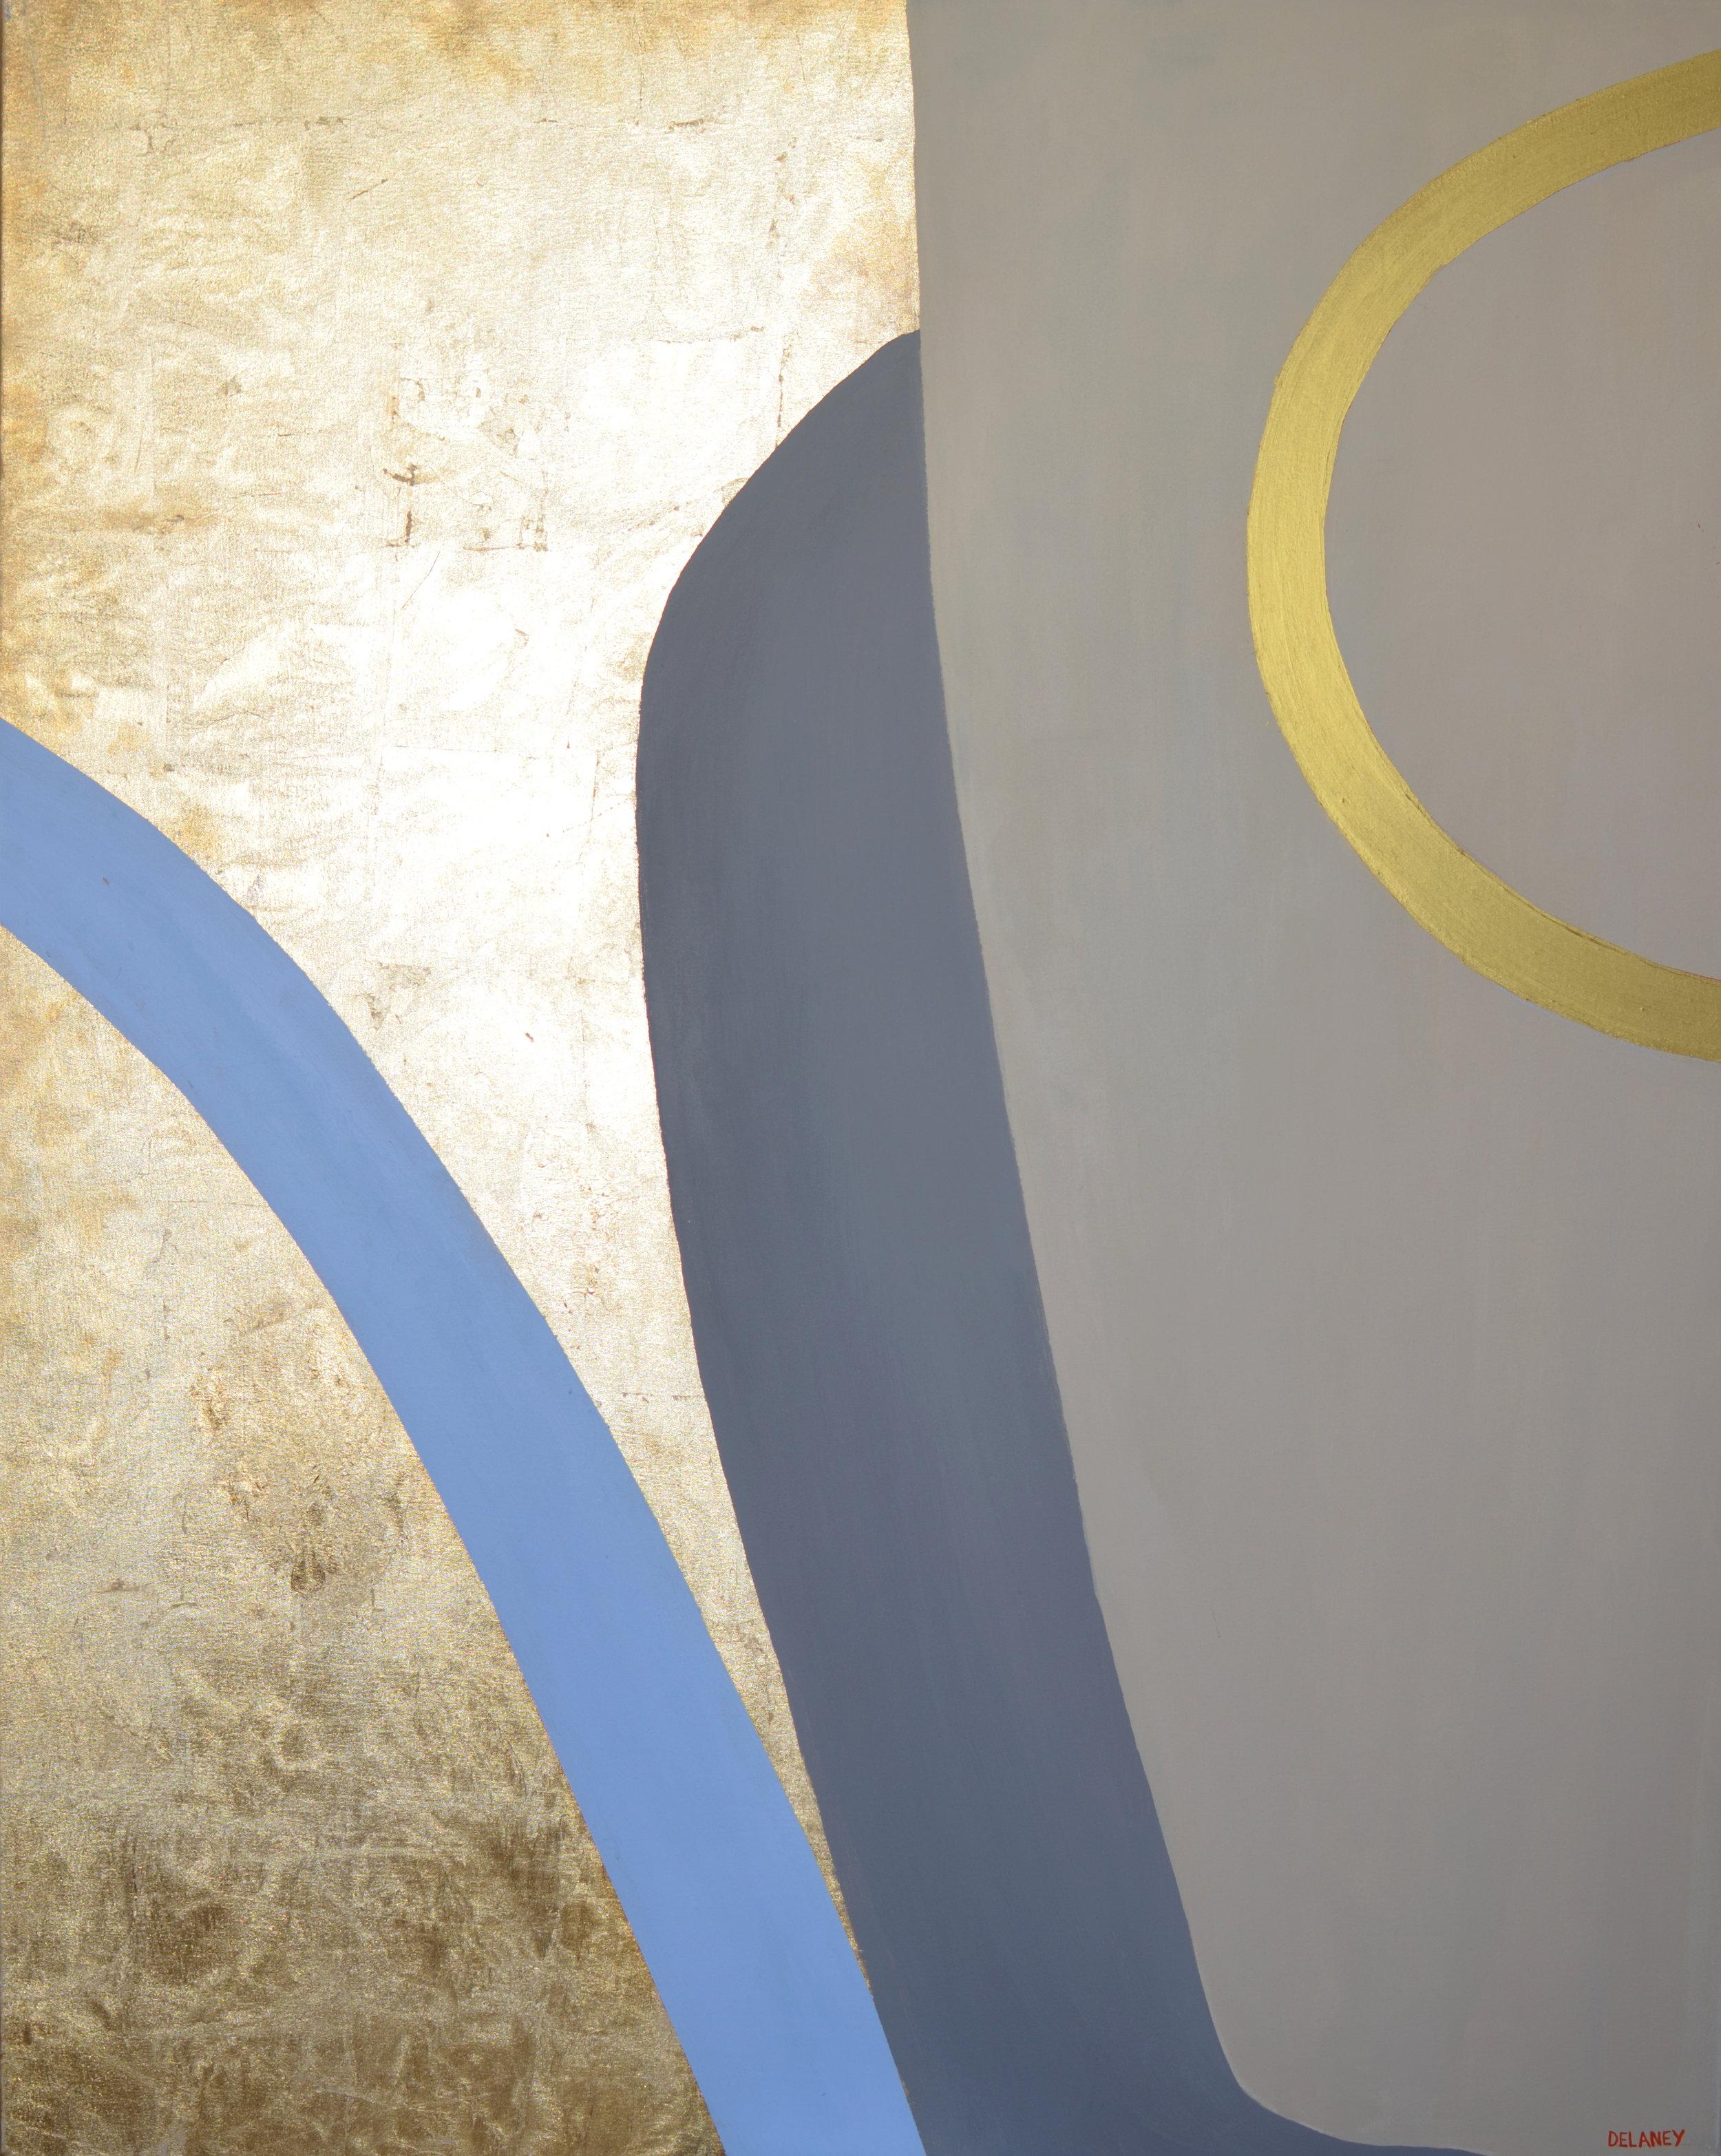 Club Triptych #2  Gold leaf and acrylic on canvas (161x121cm)